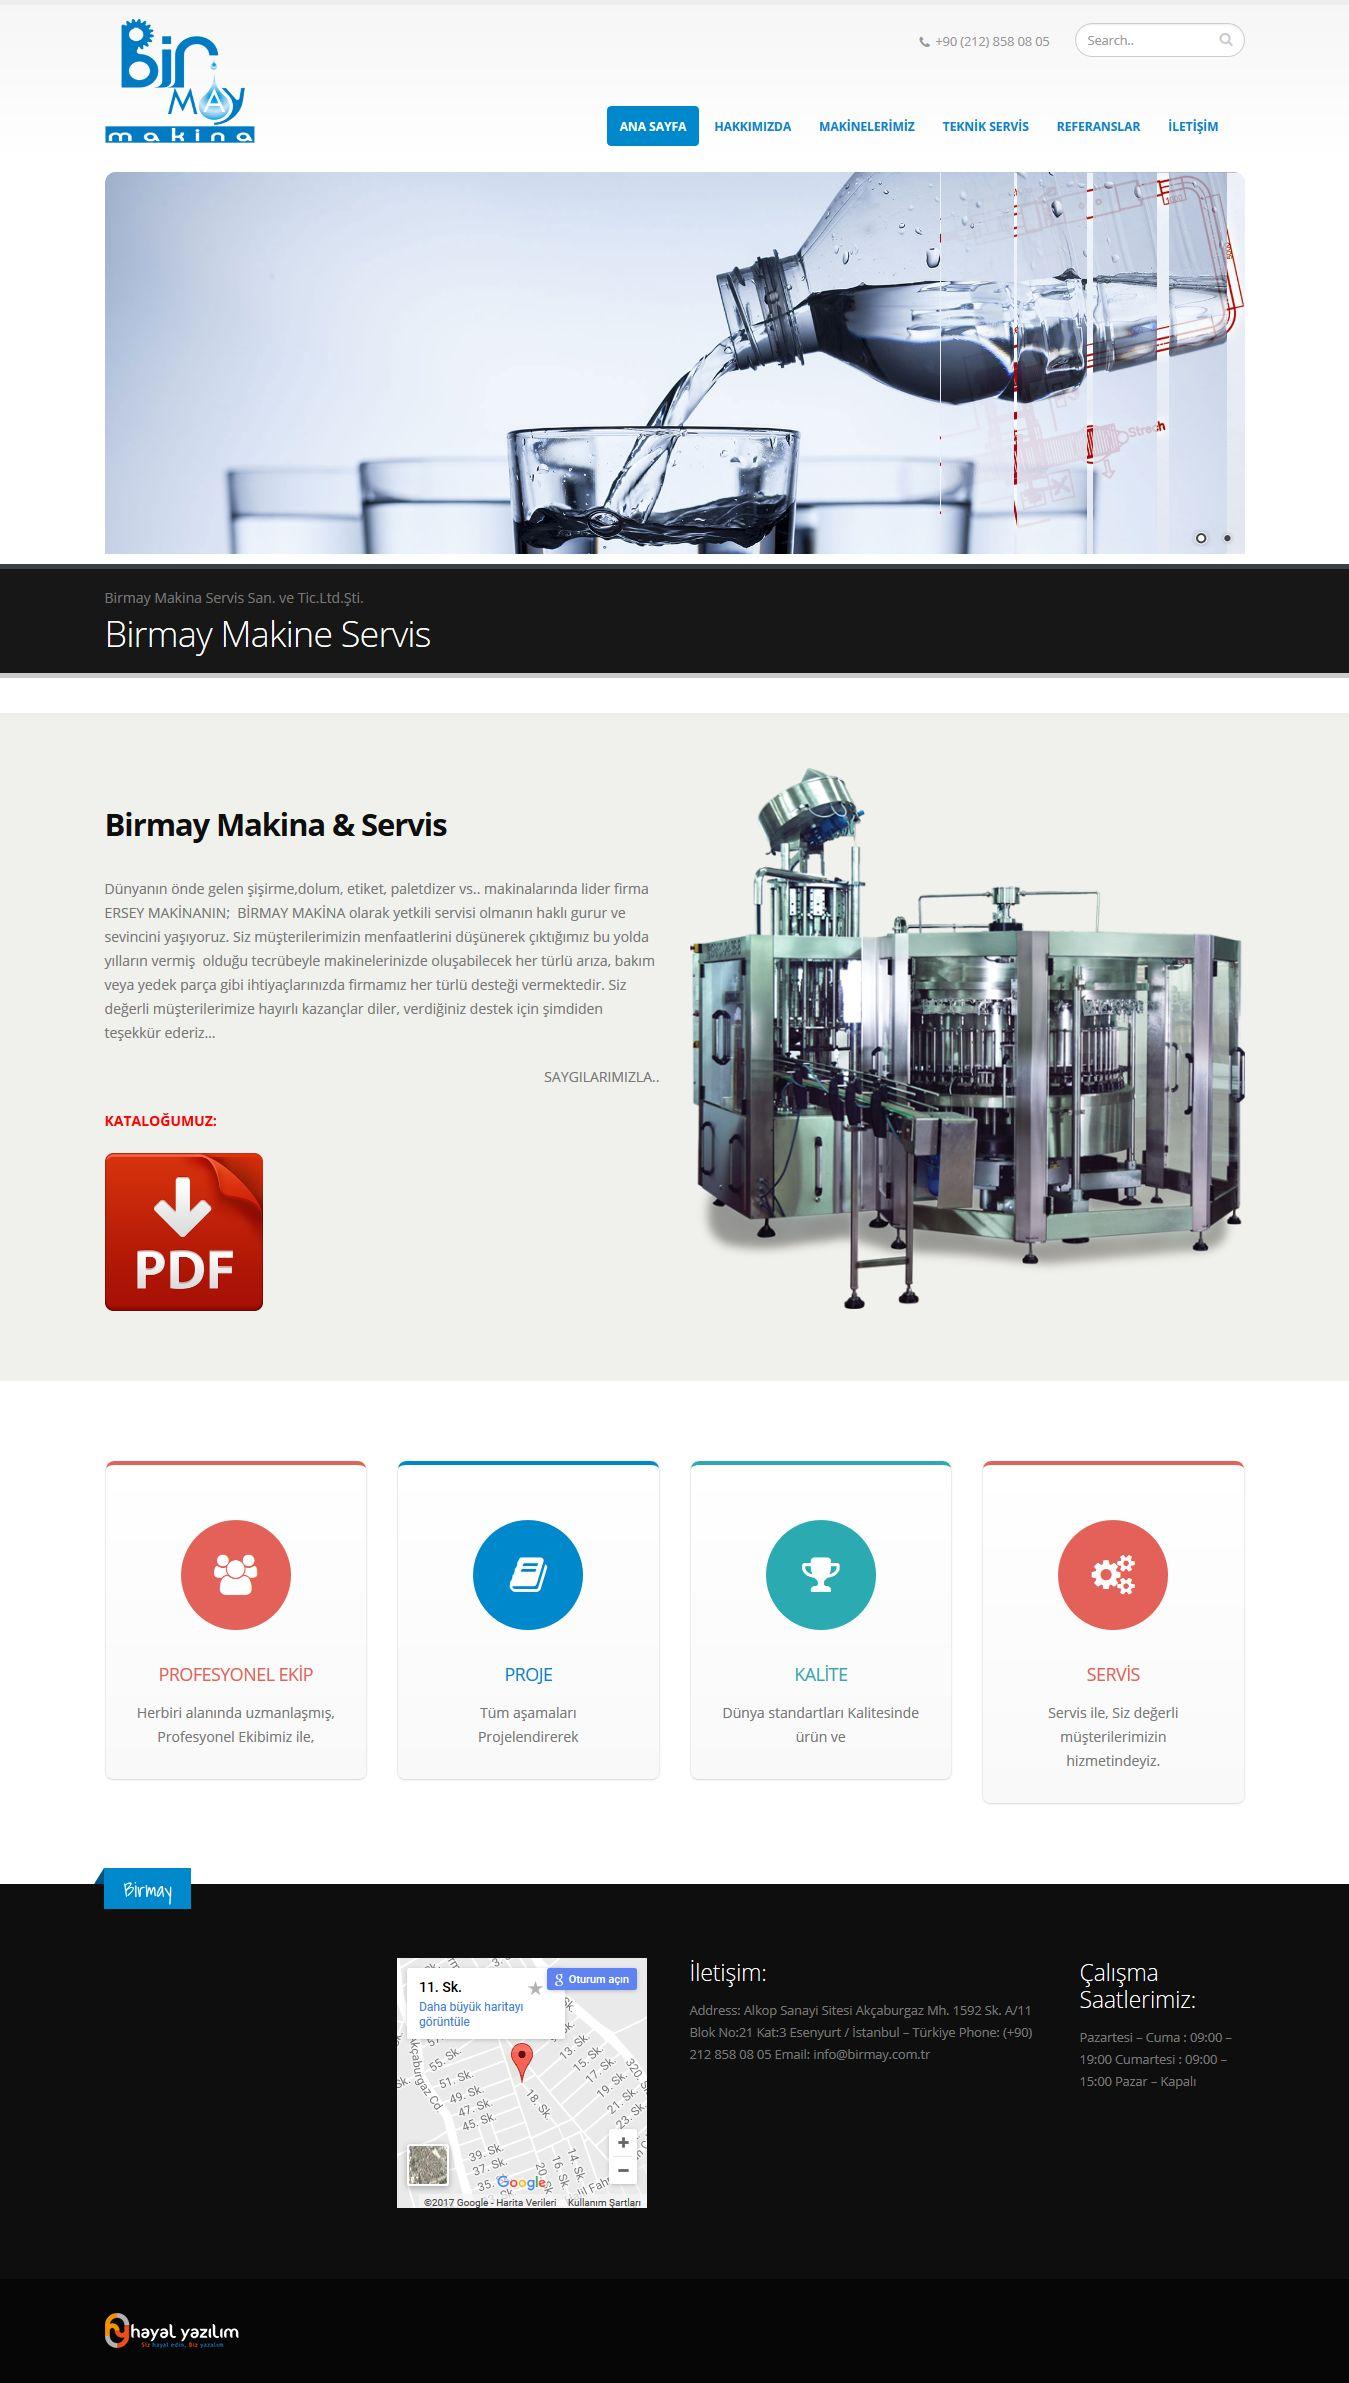 Birmay Makina - www.birmay.com.tr